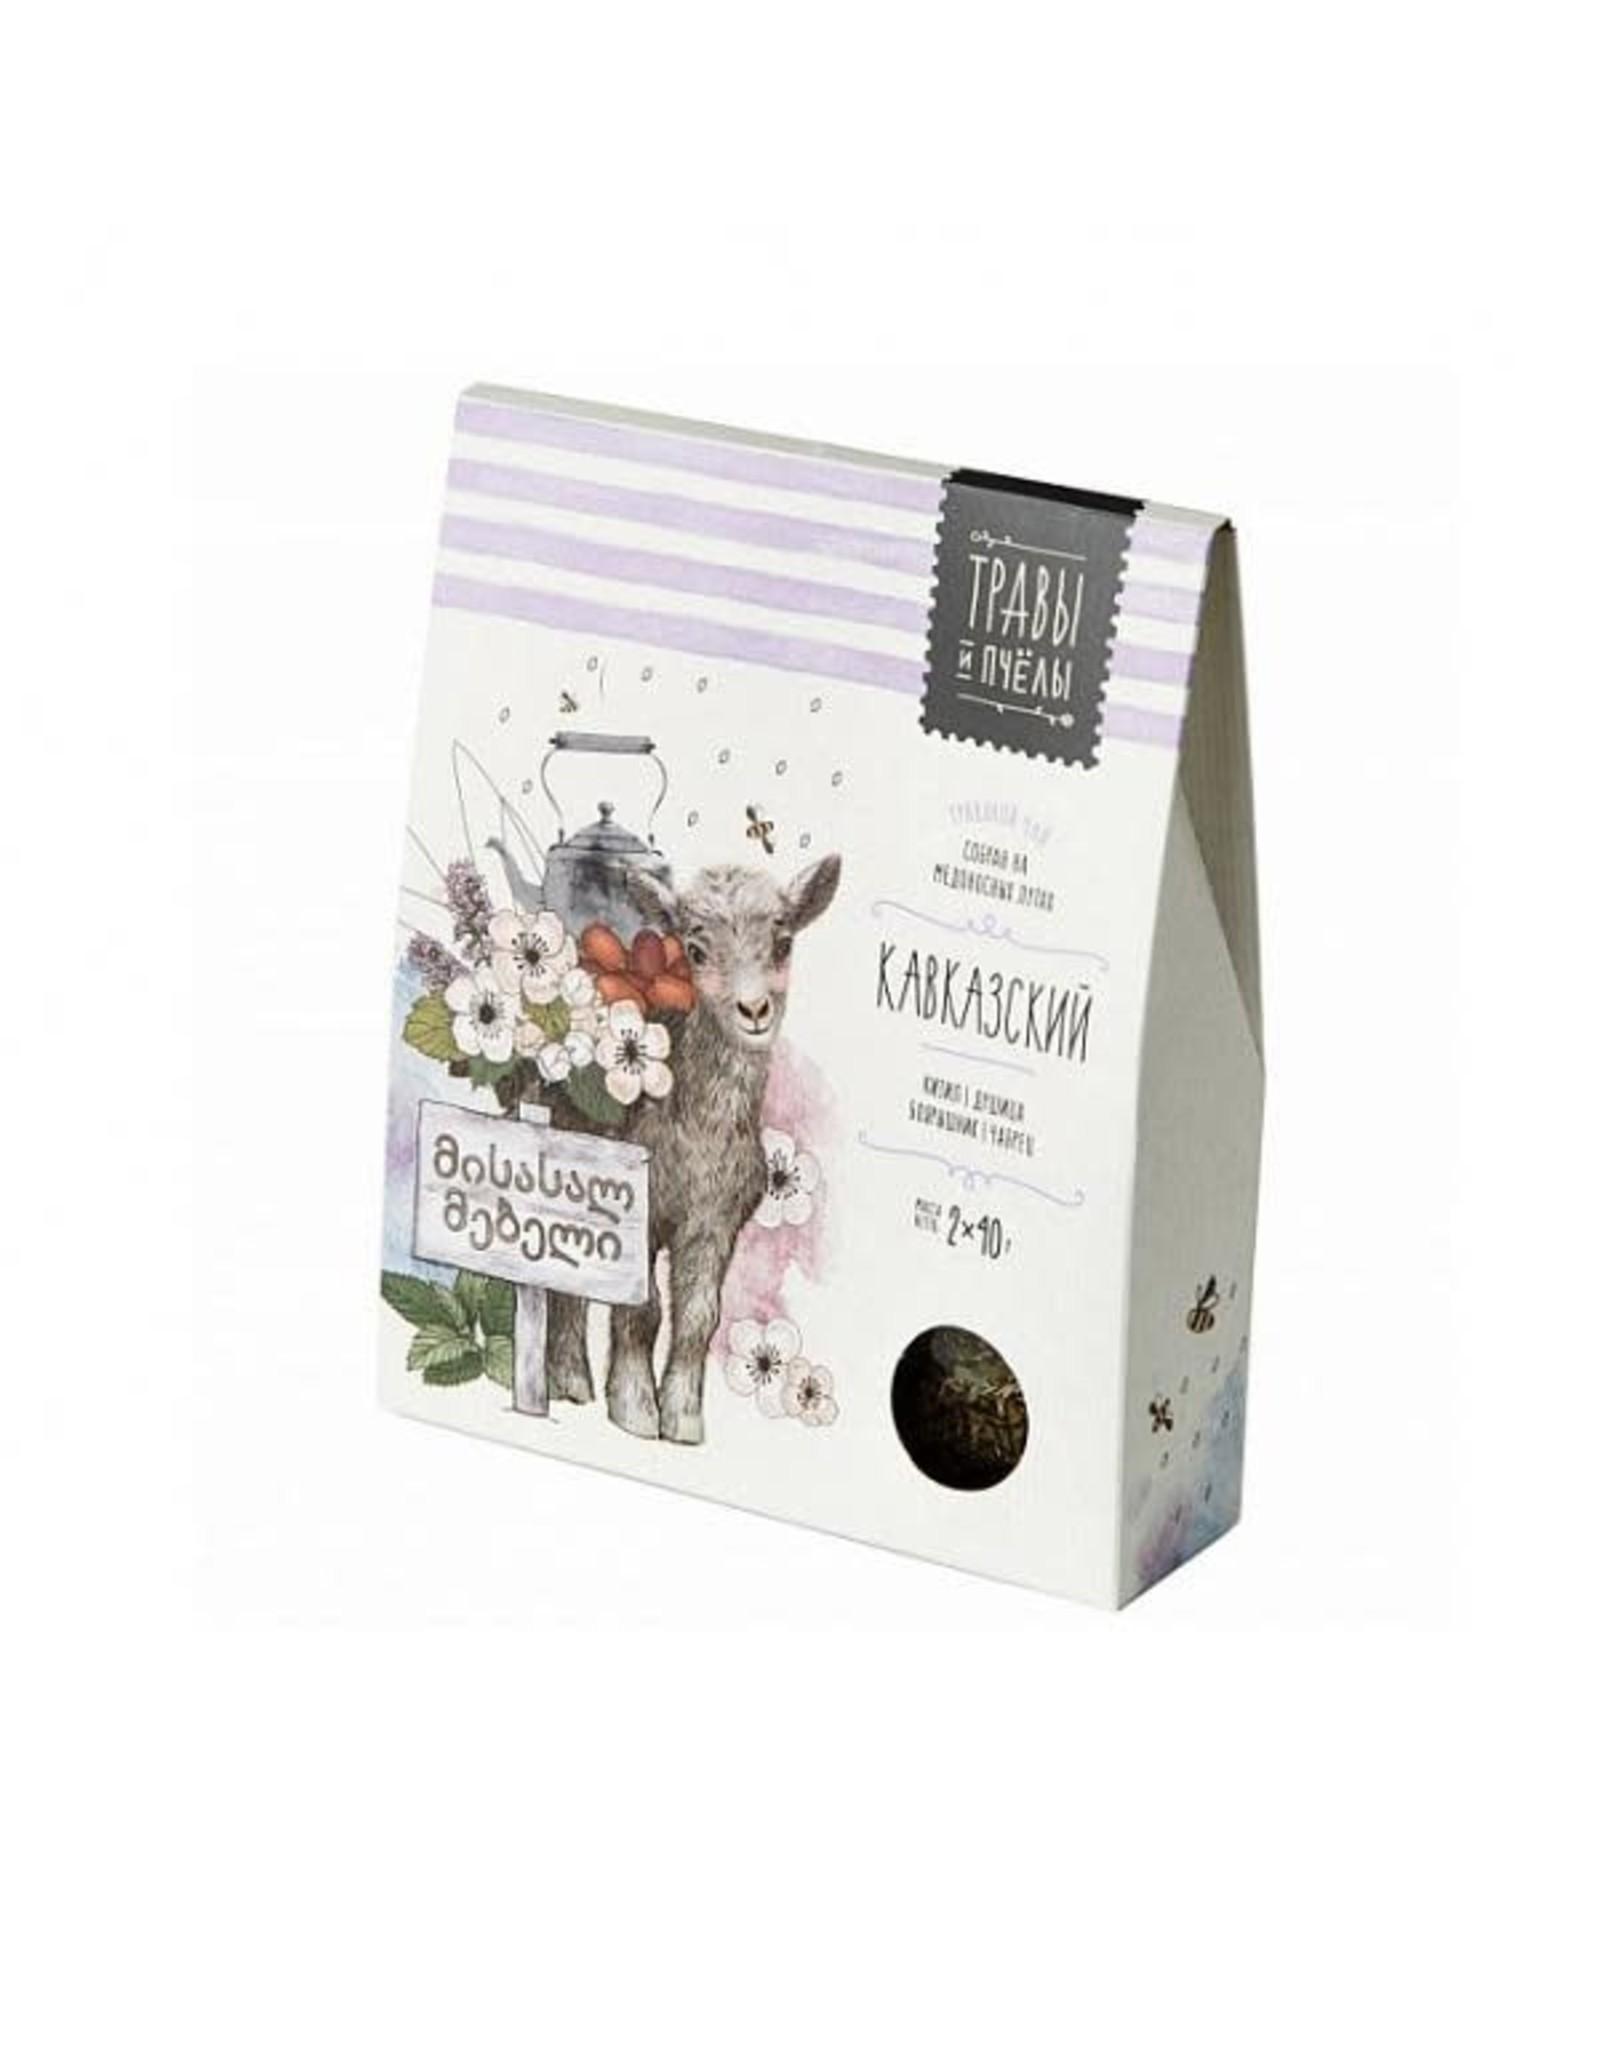 Caucasus Herbal Tea